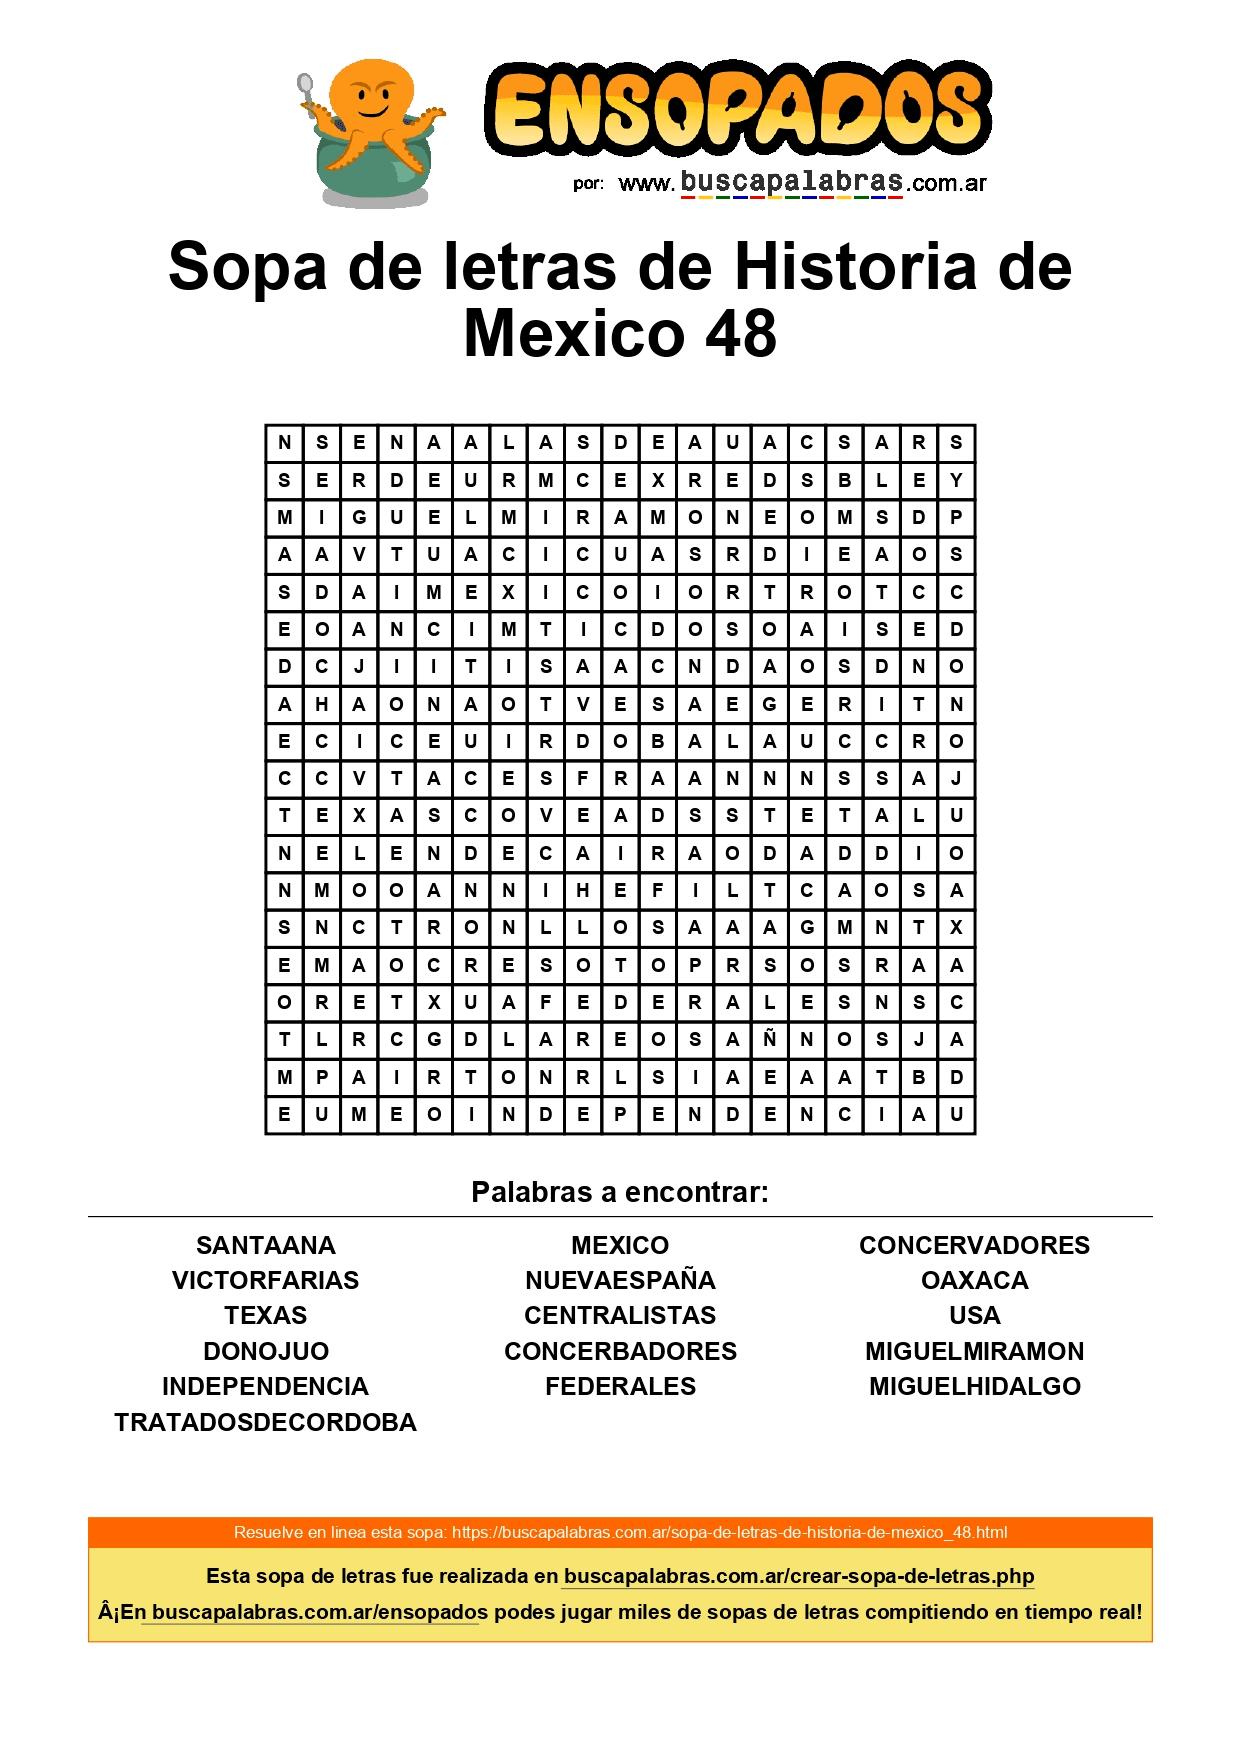 SOPA DE LETRAS HISTORIA DE MEXICO